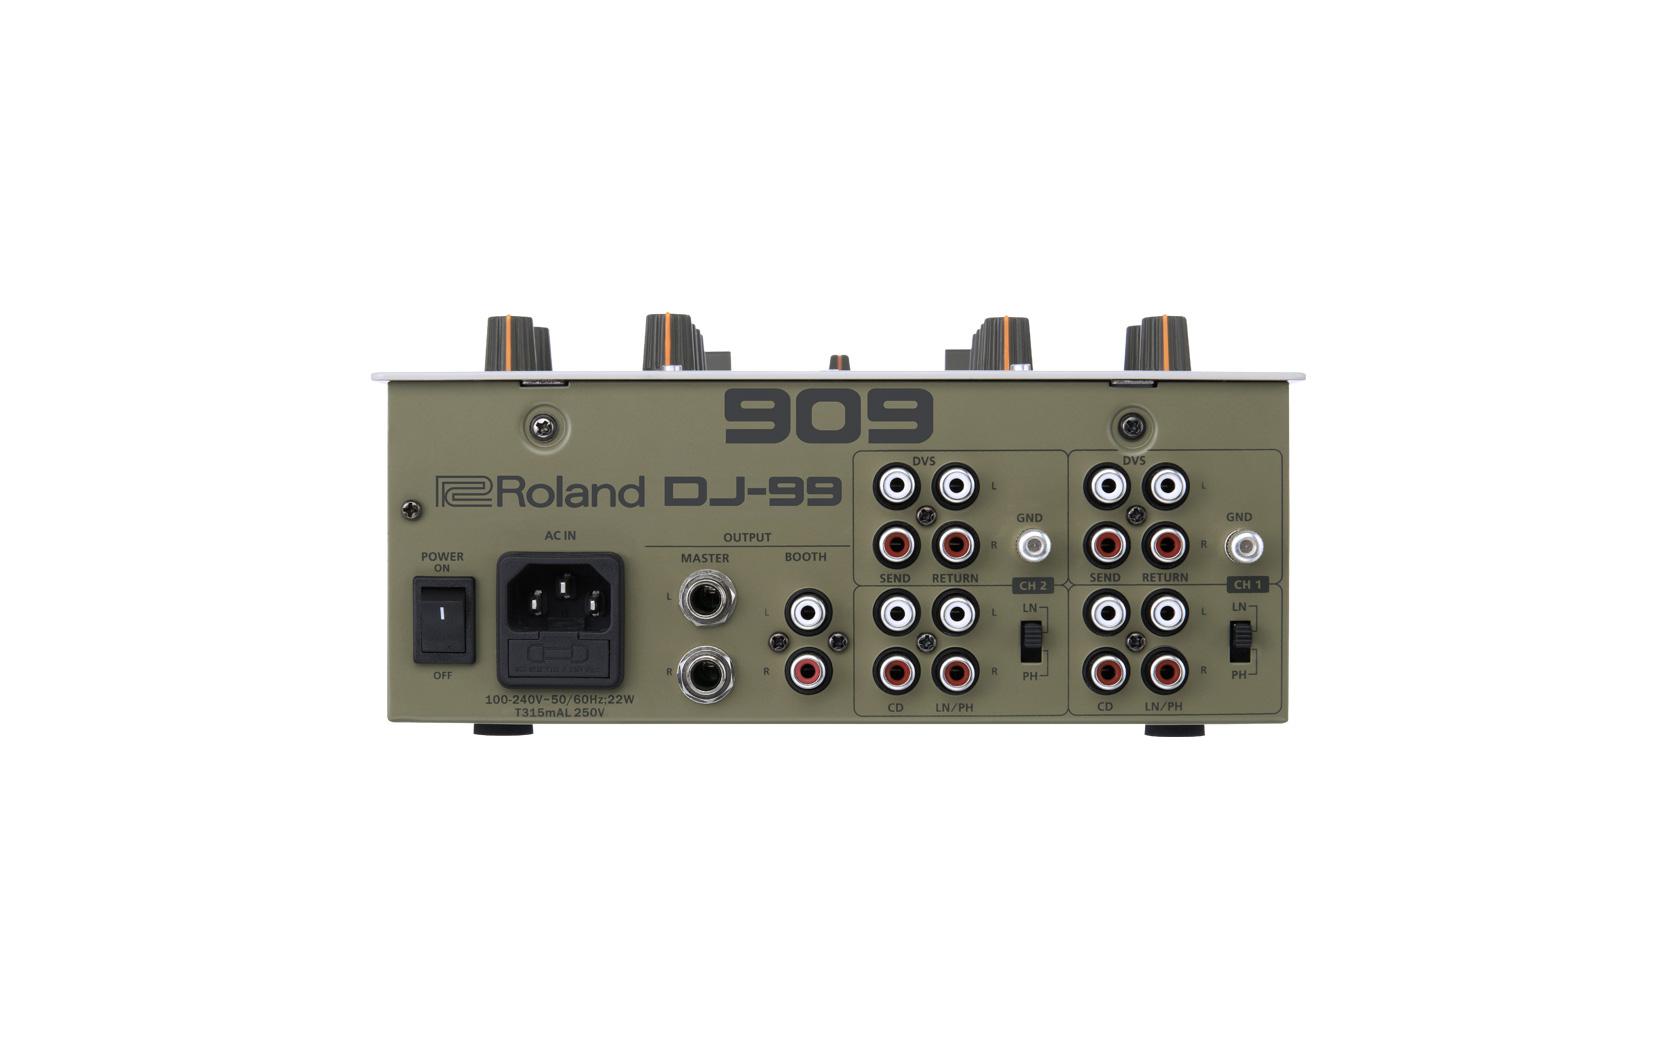 dj-99_rear_gal